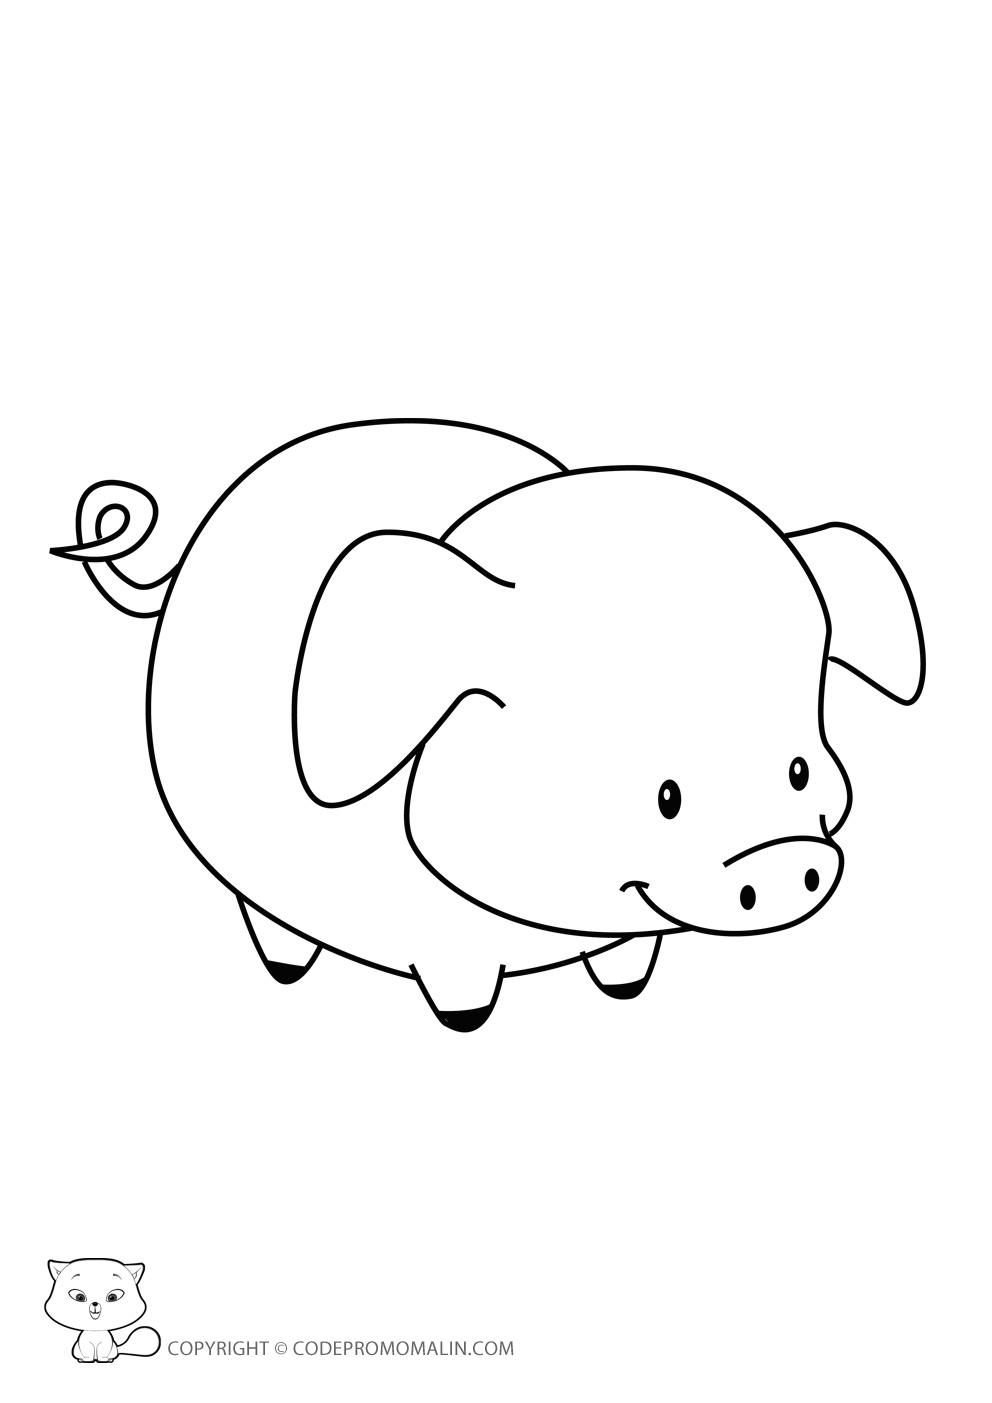 Dessin Un Petit Cochon Pendu Au Plafond à Dessin À Colorier Cochon